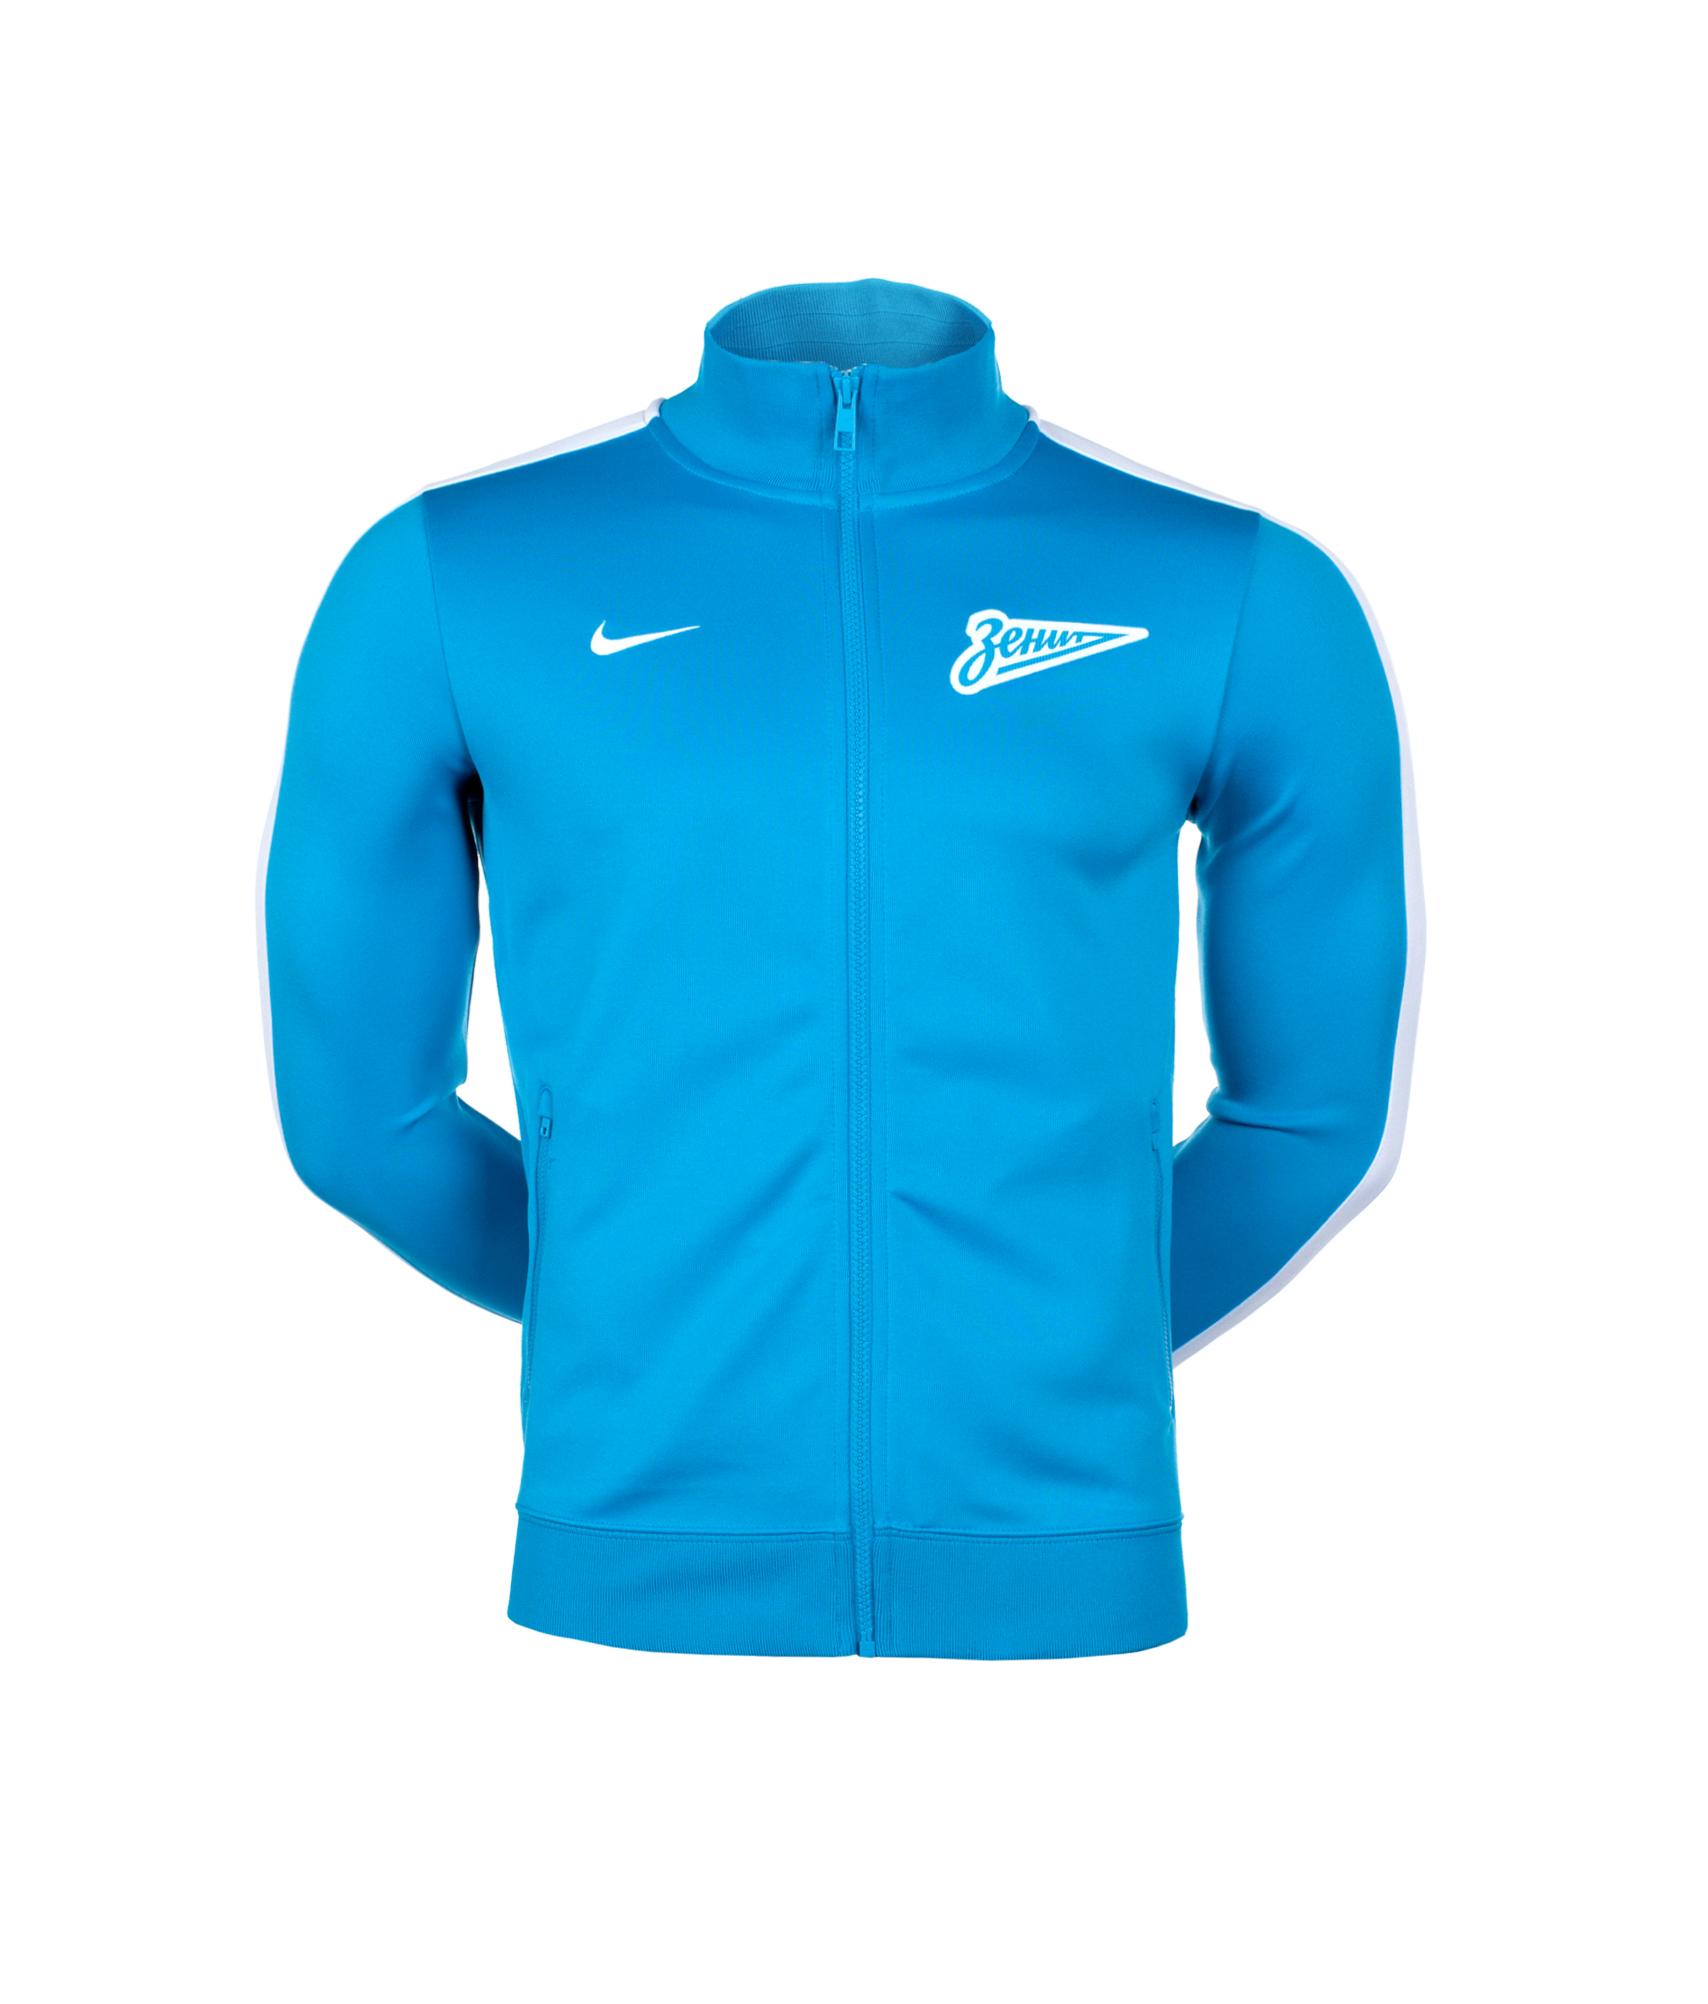 Лазурная олимпийка Nike, Цвет-Лазурный, Размер-S